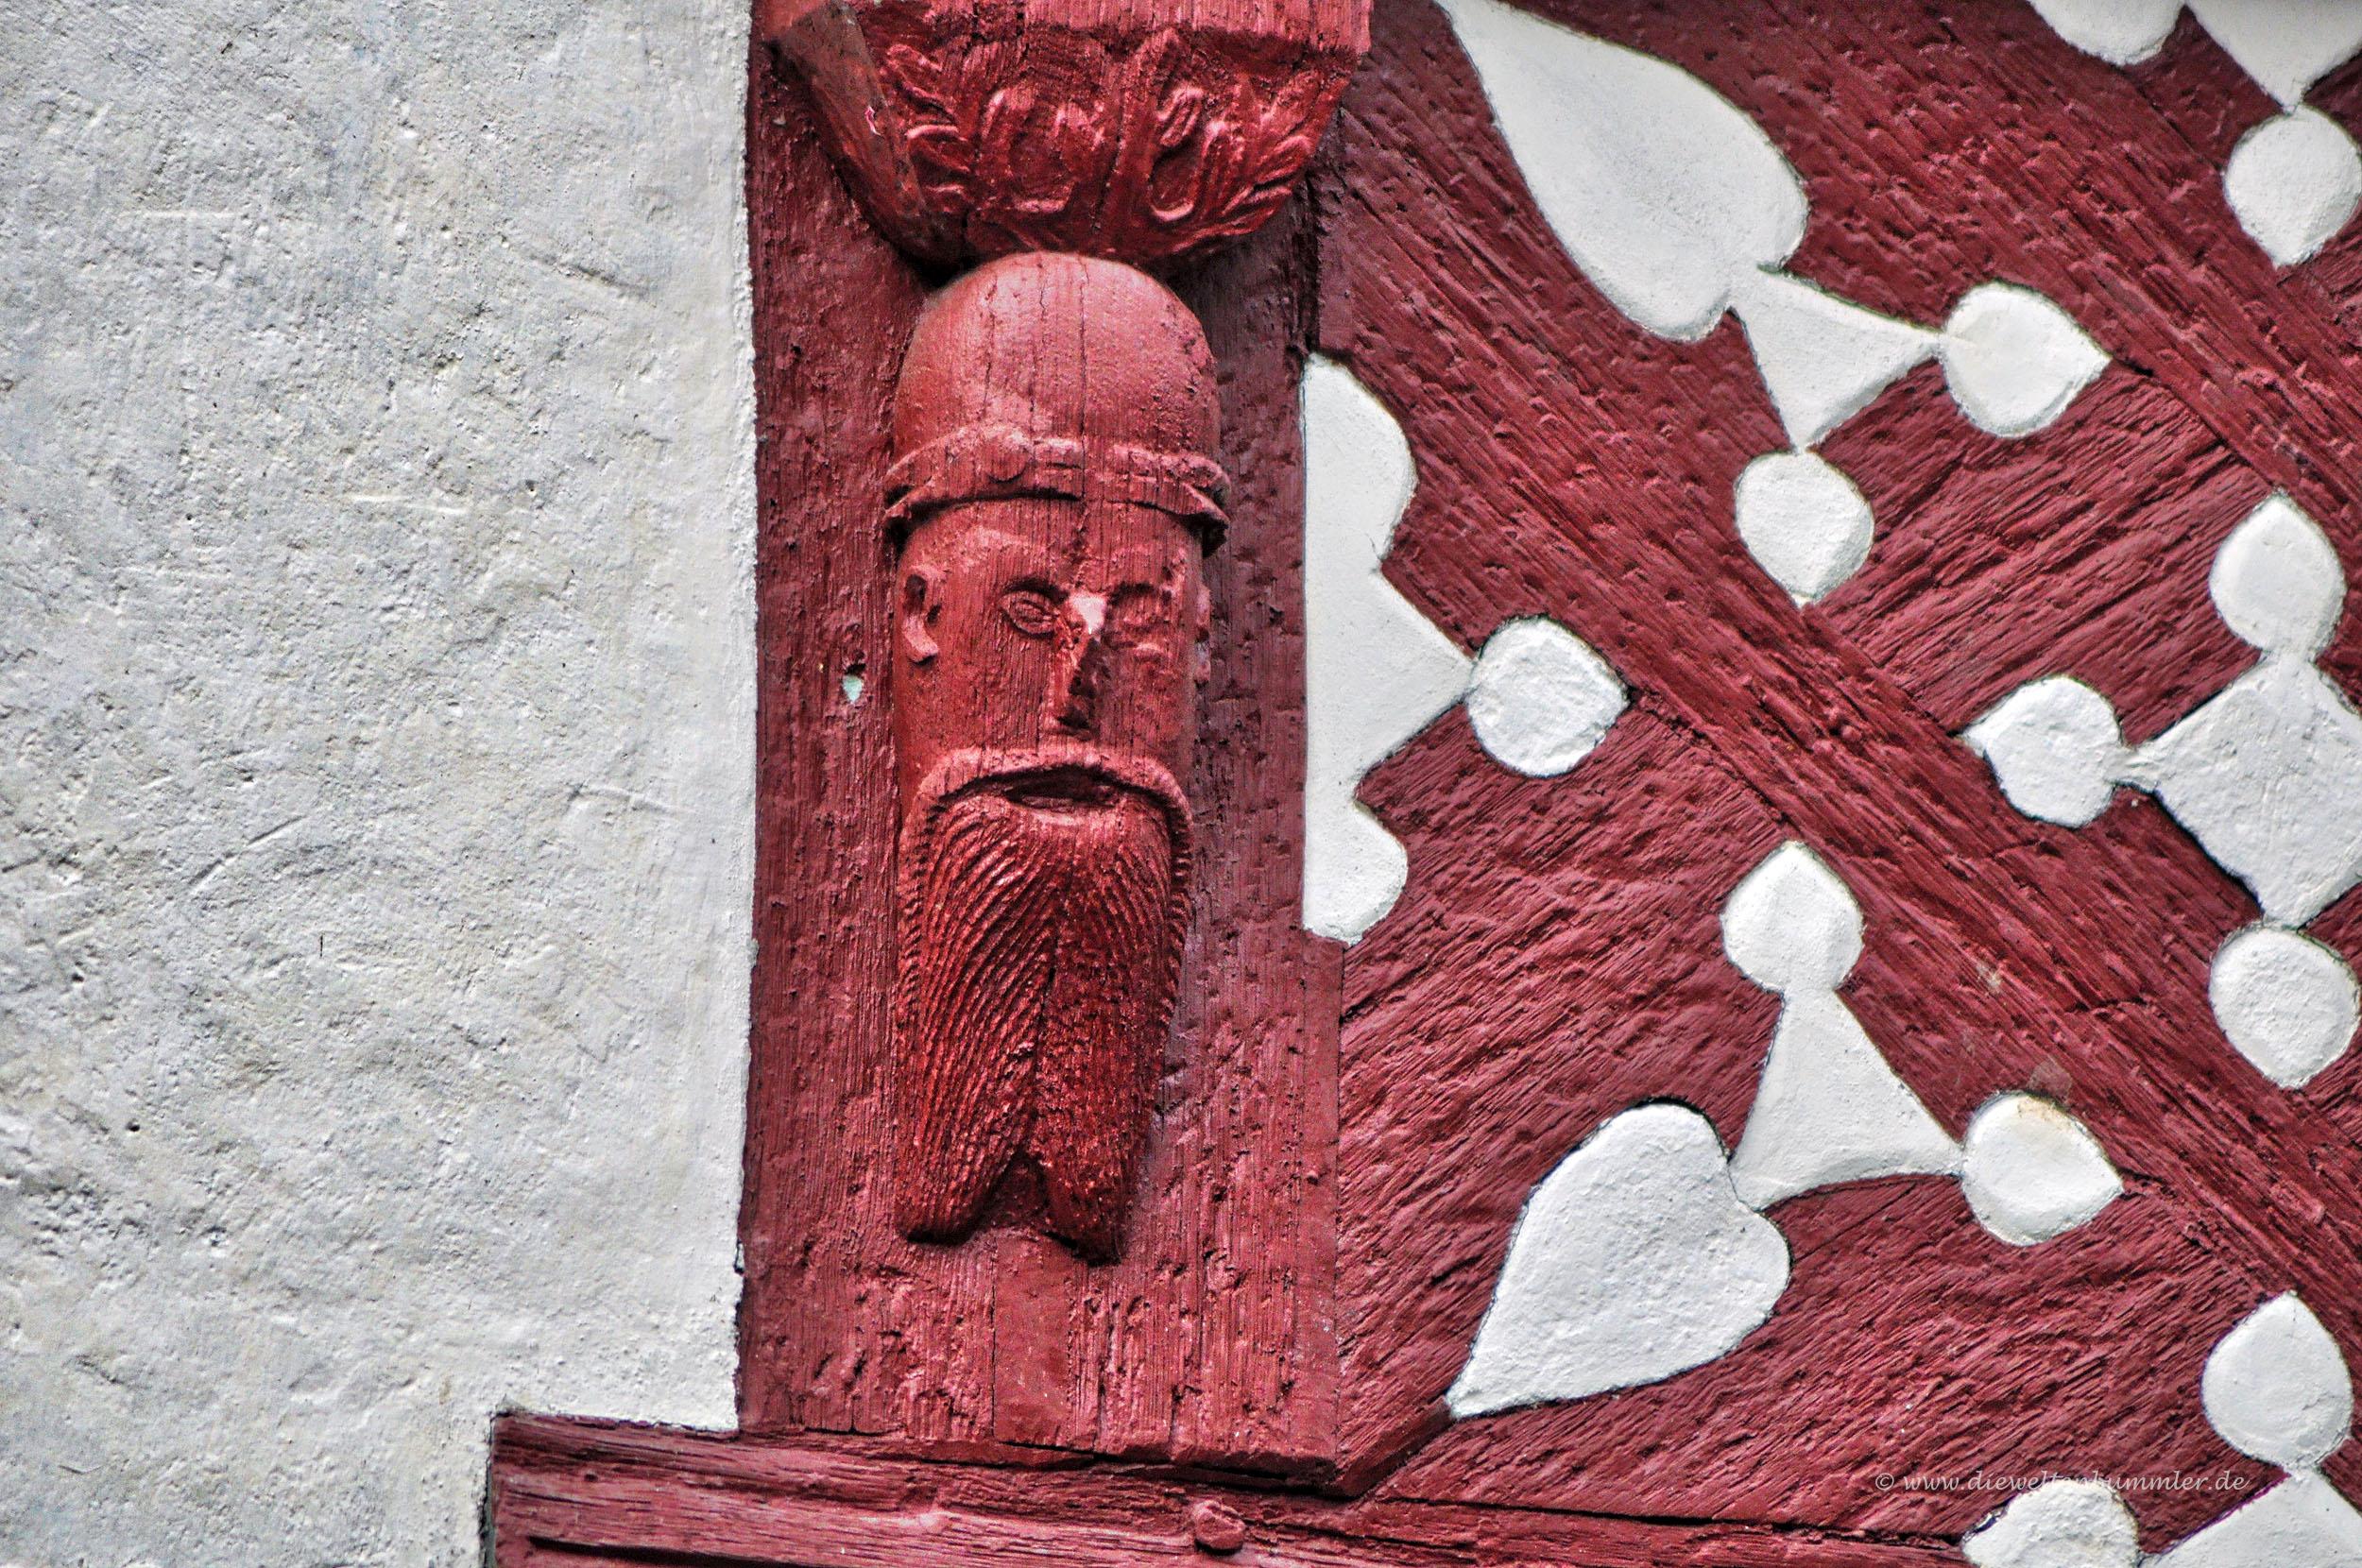 Holzschnitzereien an den Fassaden